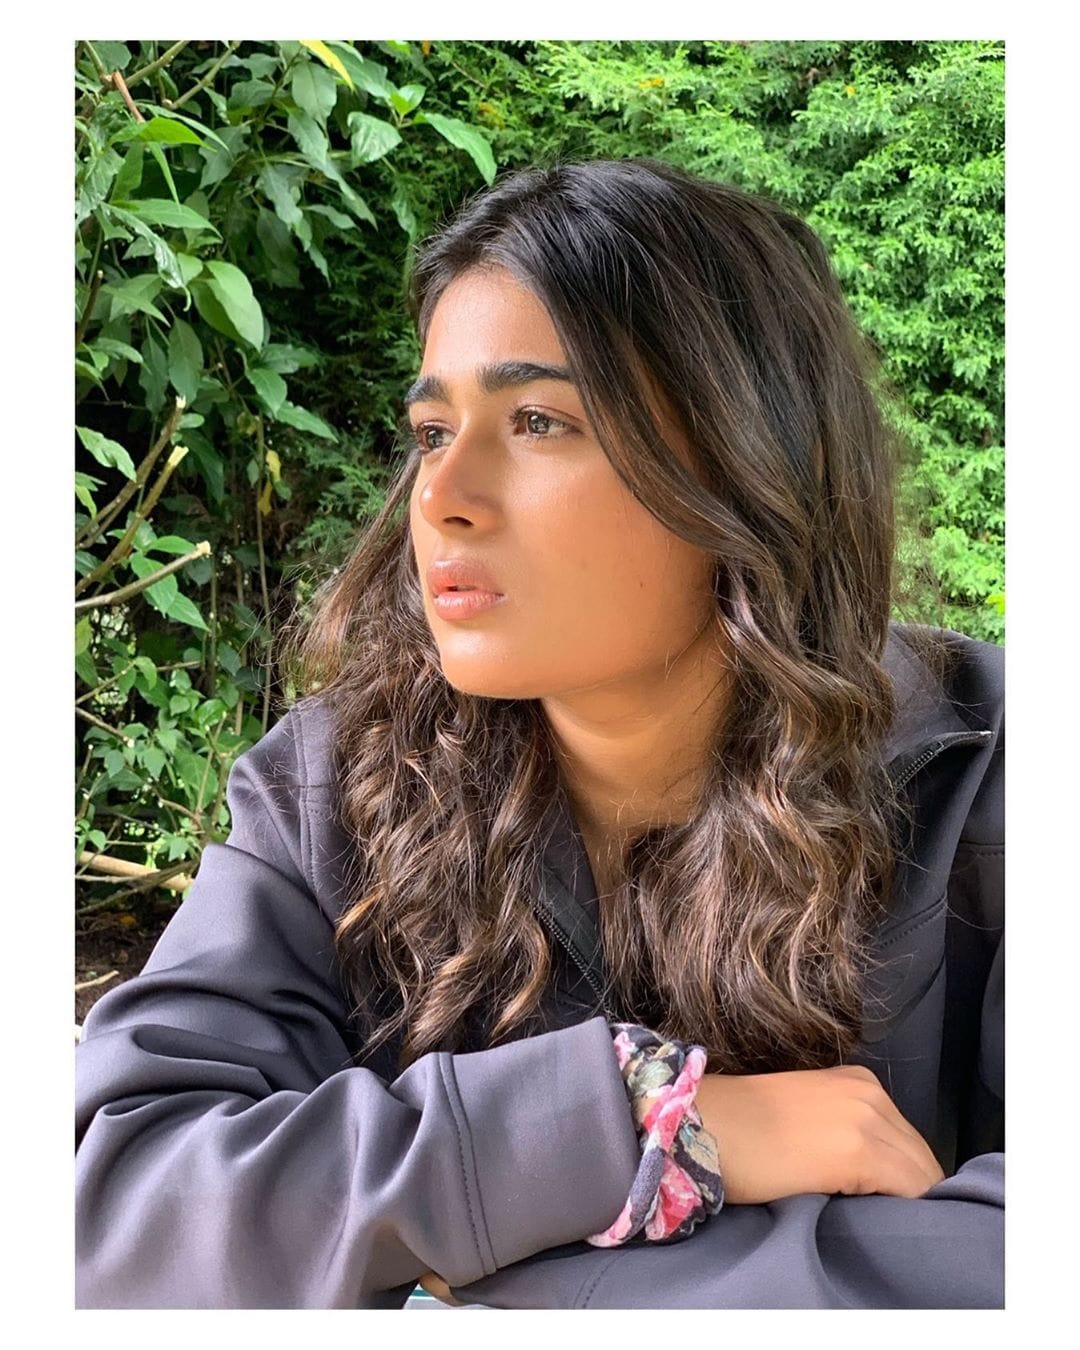 షాలిని పాండే ఫోటోషూట్ Photo: Instagram.com/shalzp